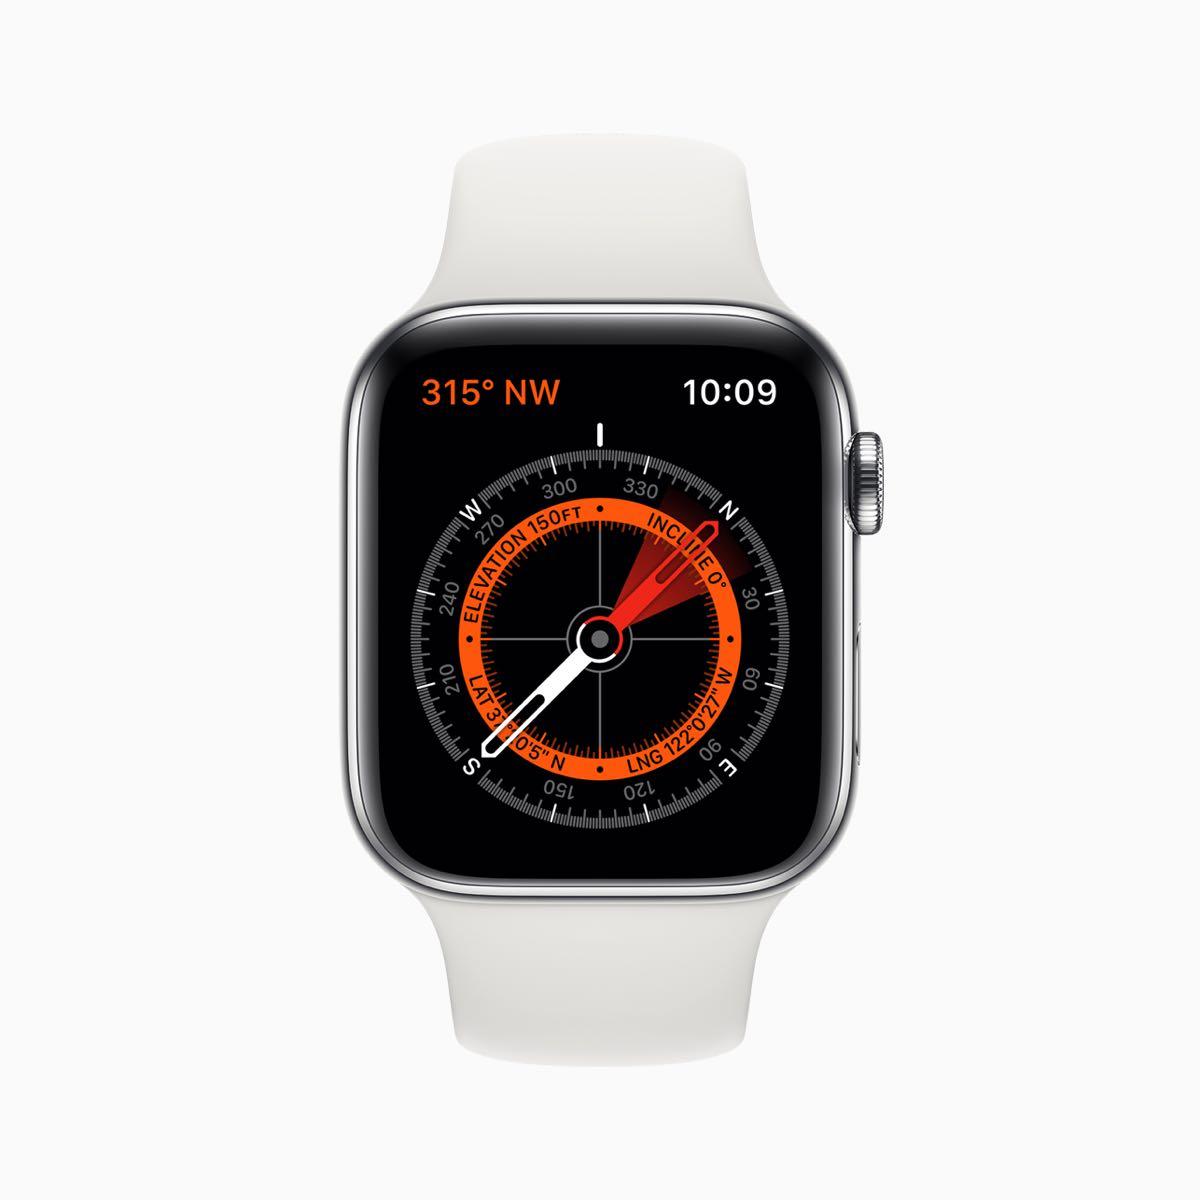 Apple watch series 5 compass screen 091019